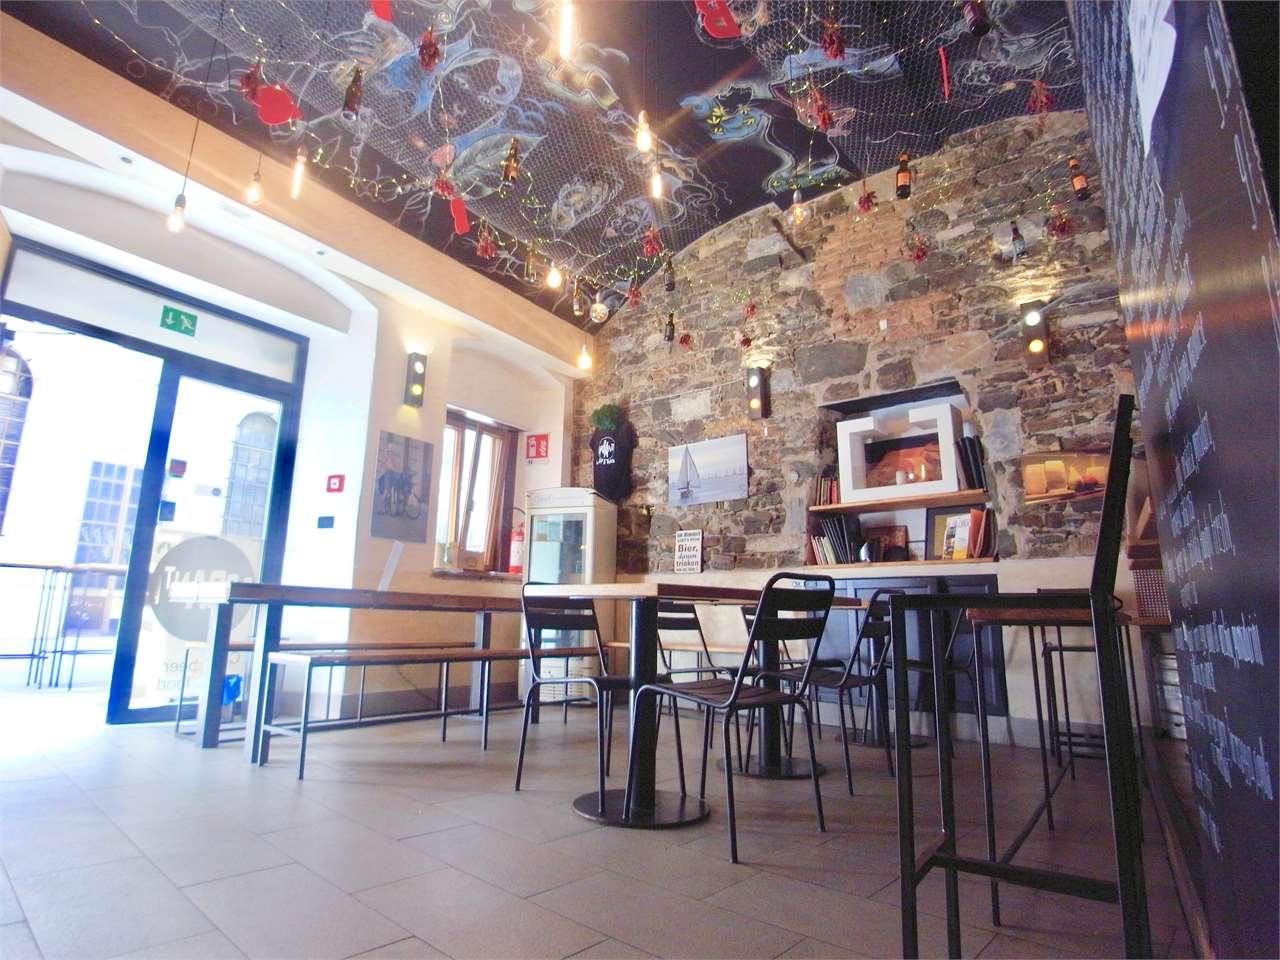 Negozio / Locale in affitto a Trieste, 1 locali, zona Zona: Centro storico, prezzo € 2.300 | CambioCasa.it